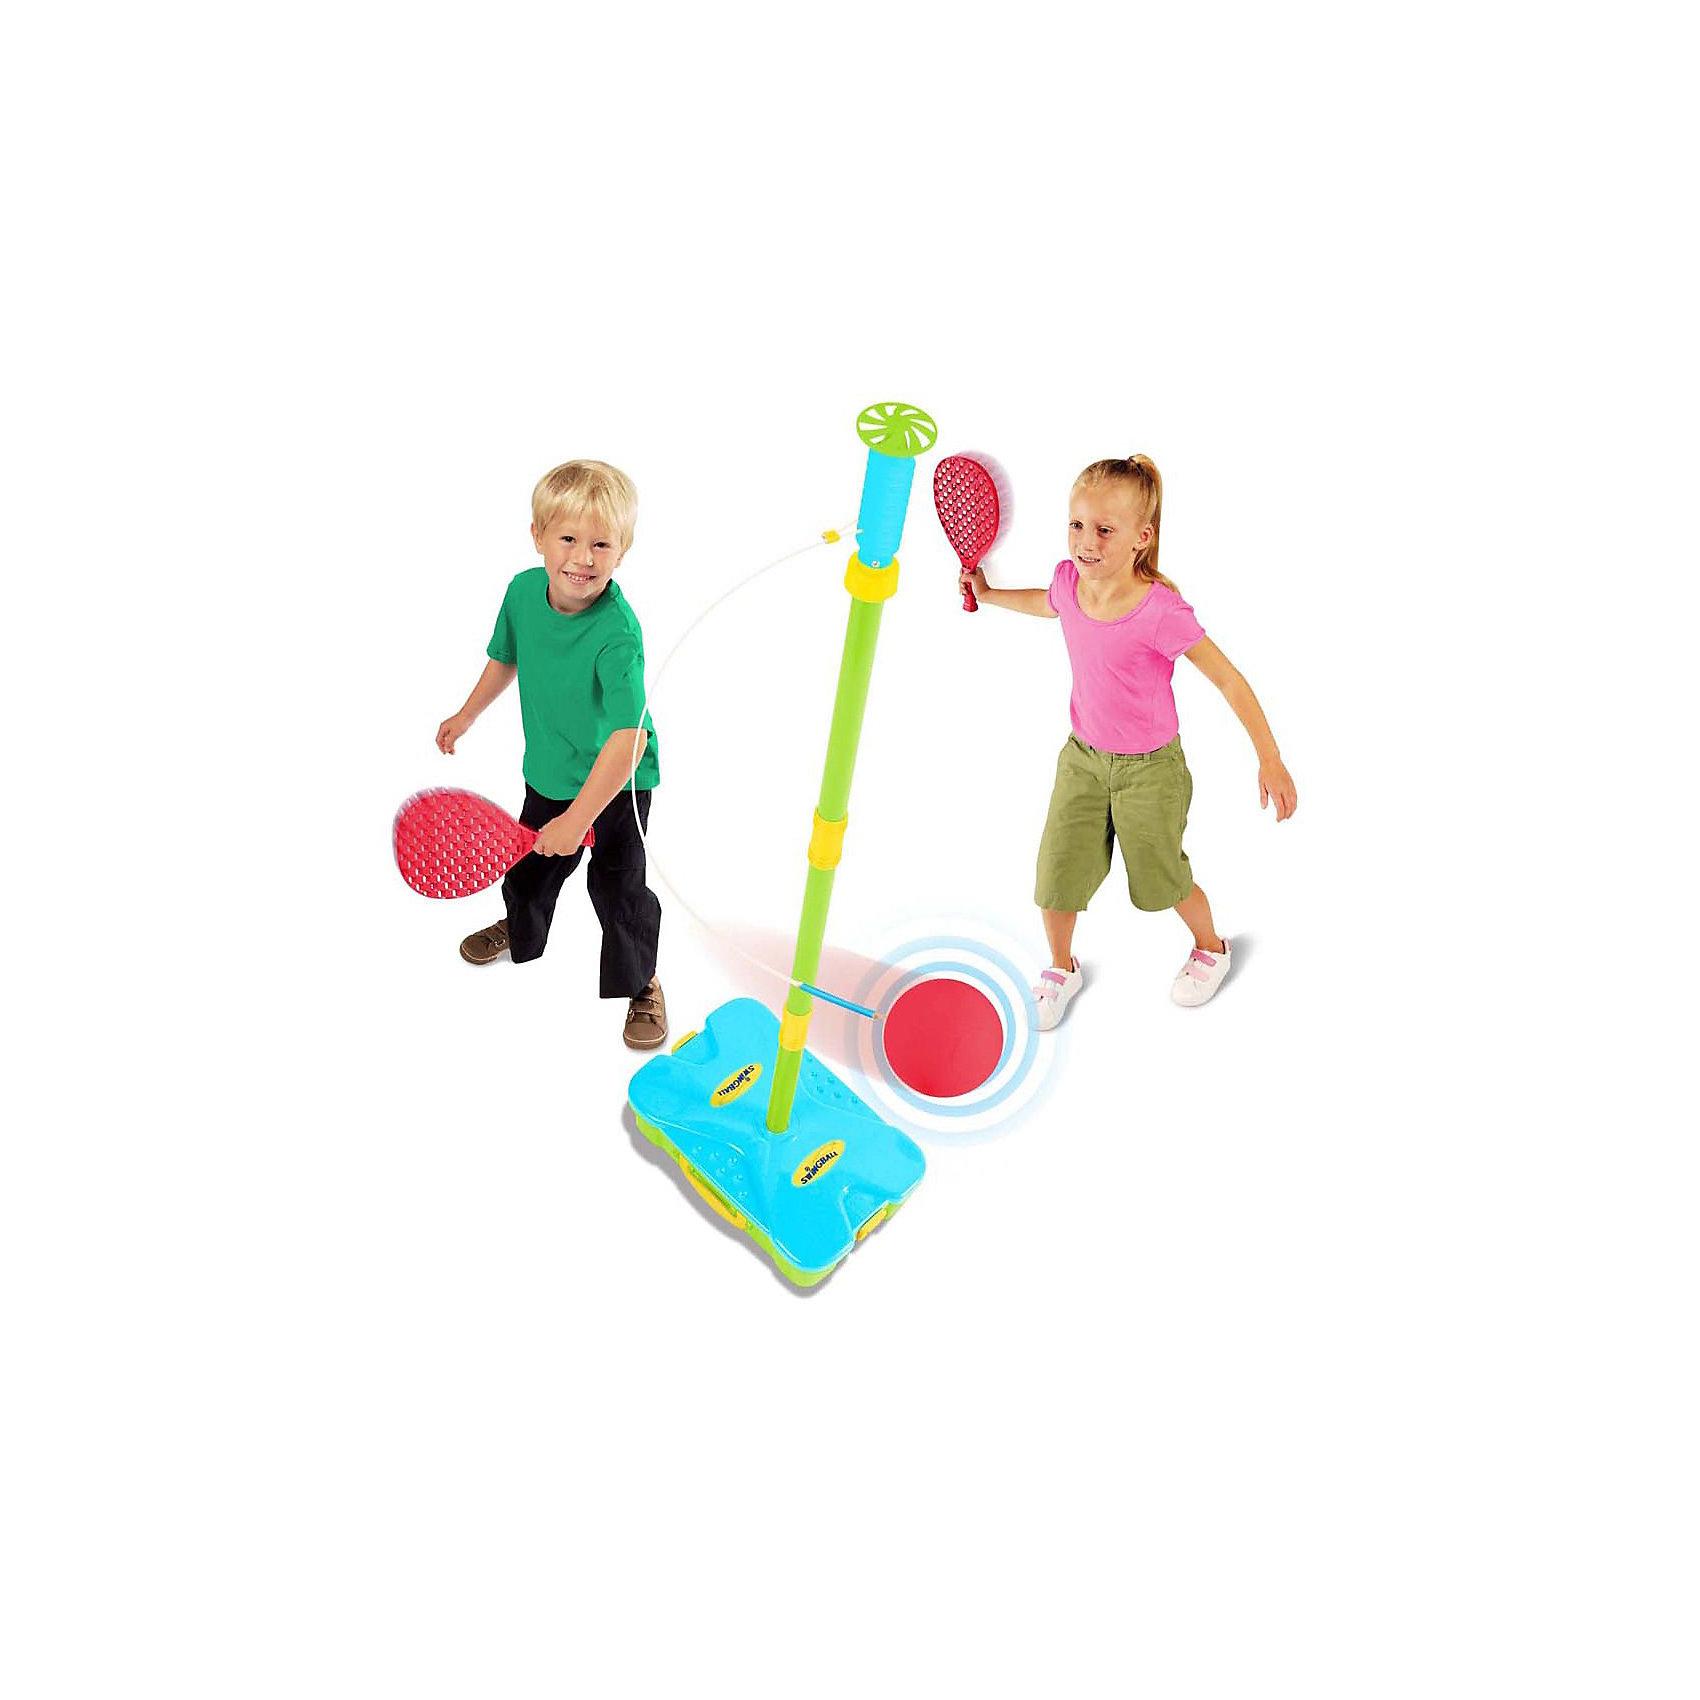 Набор Веселый теннис: база со стойкой, 2 ракетки, мяч, MookieВеселый теннис- Swingball для самых маленьких. В комплекте база для любых поверхностей, 2 ракетки, теннисный мяч сборная штанга. Теннисный мяч привязан к штанге и движется по спирали вверх или вниз, цель игры довести его до своей победной линии. Игра компактна убирается в мобильный кейс. Легко собирать, легко играть! Для повышения устойчивости кейс можно наполнить водой или песком.<br><br>Ширина мм: 400<br>Глубина мм: 260<br>Высота мм: 100<br>Вес г: 2230<br>Возраст от месяцев: 36<br>Возраст до месяцев: 1188<br>Пол: Унисекс<br>Возраст: Детский<br>SKU: 3164133